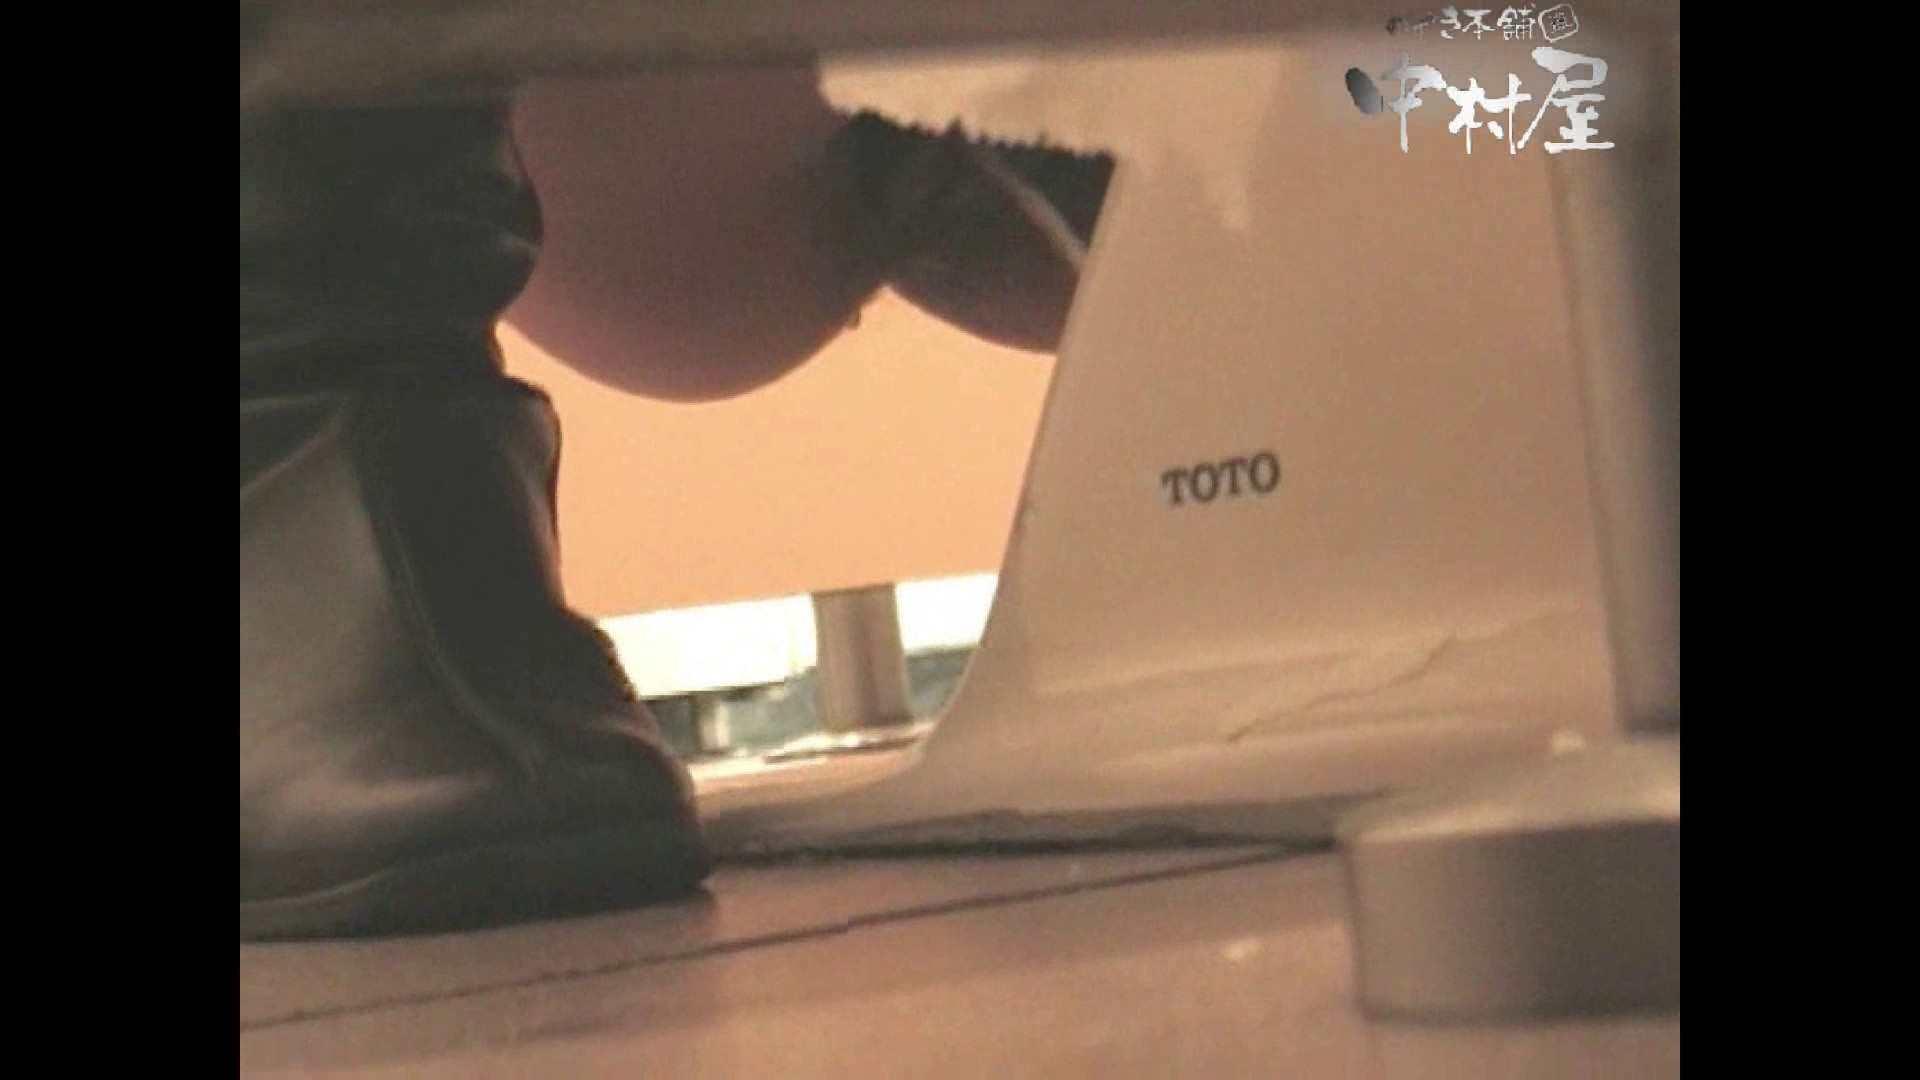 岩手県在住盗撮師盗撮記録vol.03 排泄 覗きおまんこ画像 99画像 6